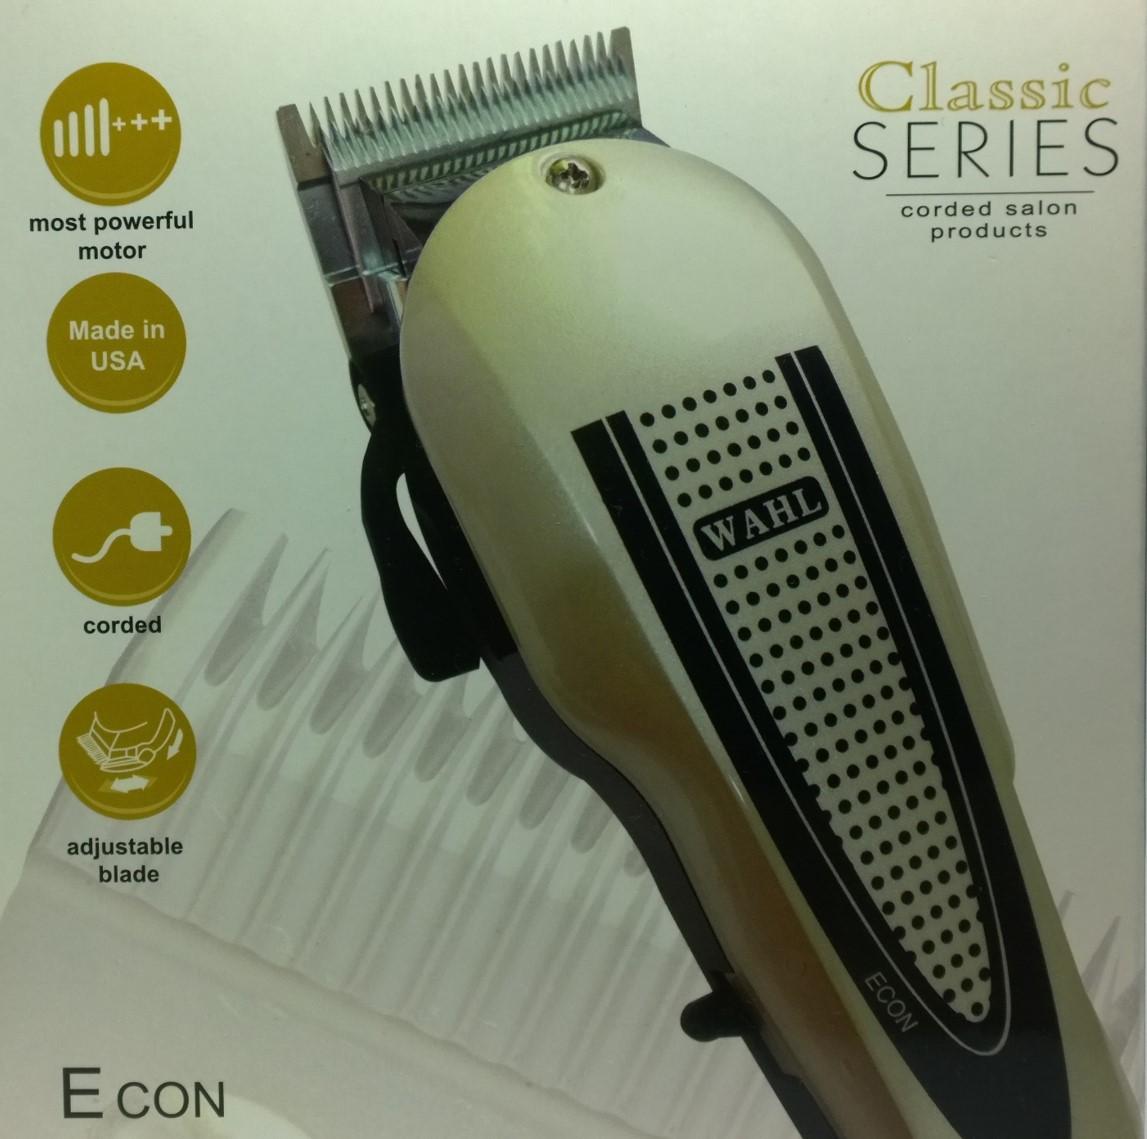 WAHL 9160-016  原裝進口專業美髮電剪